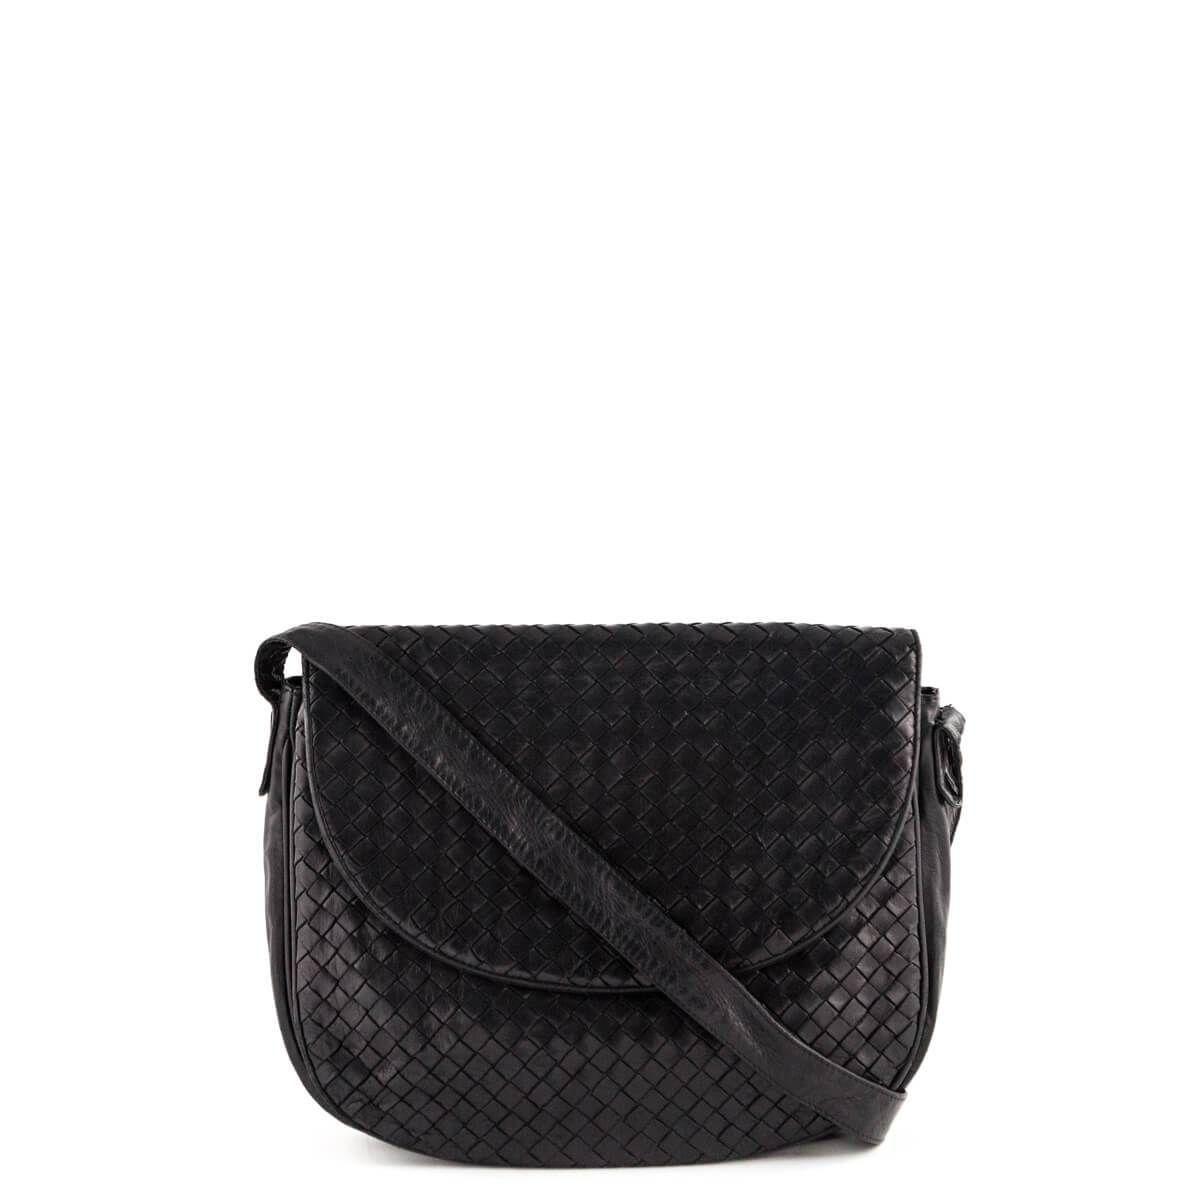 Bottega Veneta Black Intrecciato Vintage Crossbody Lovethatbag